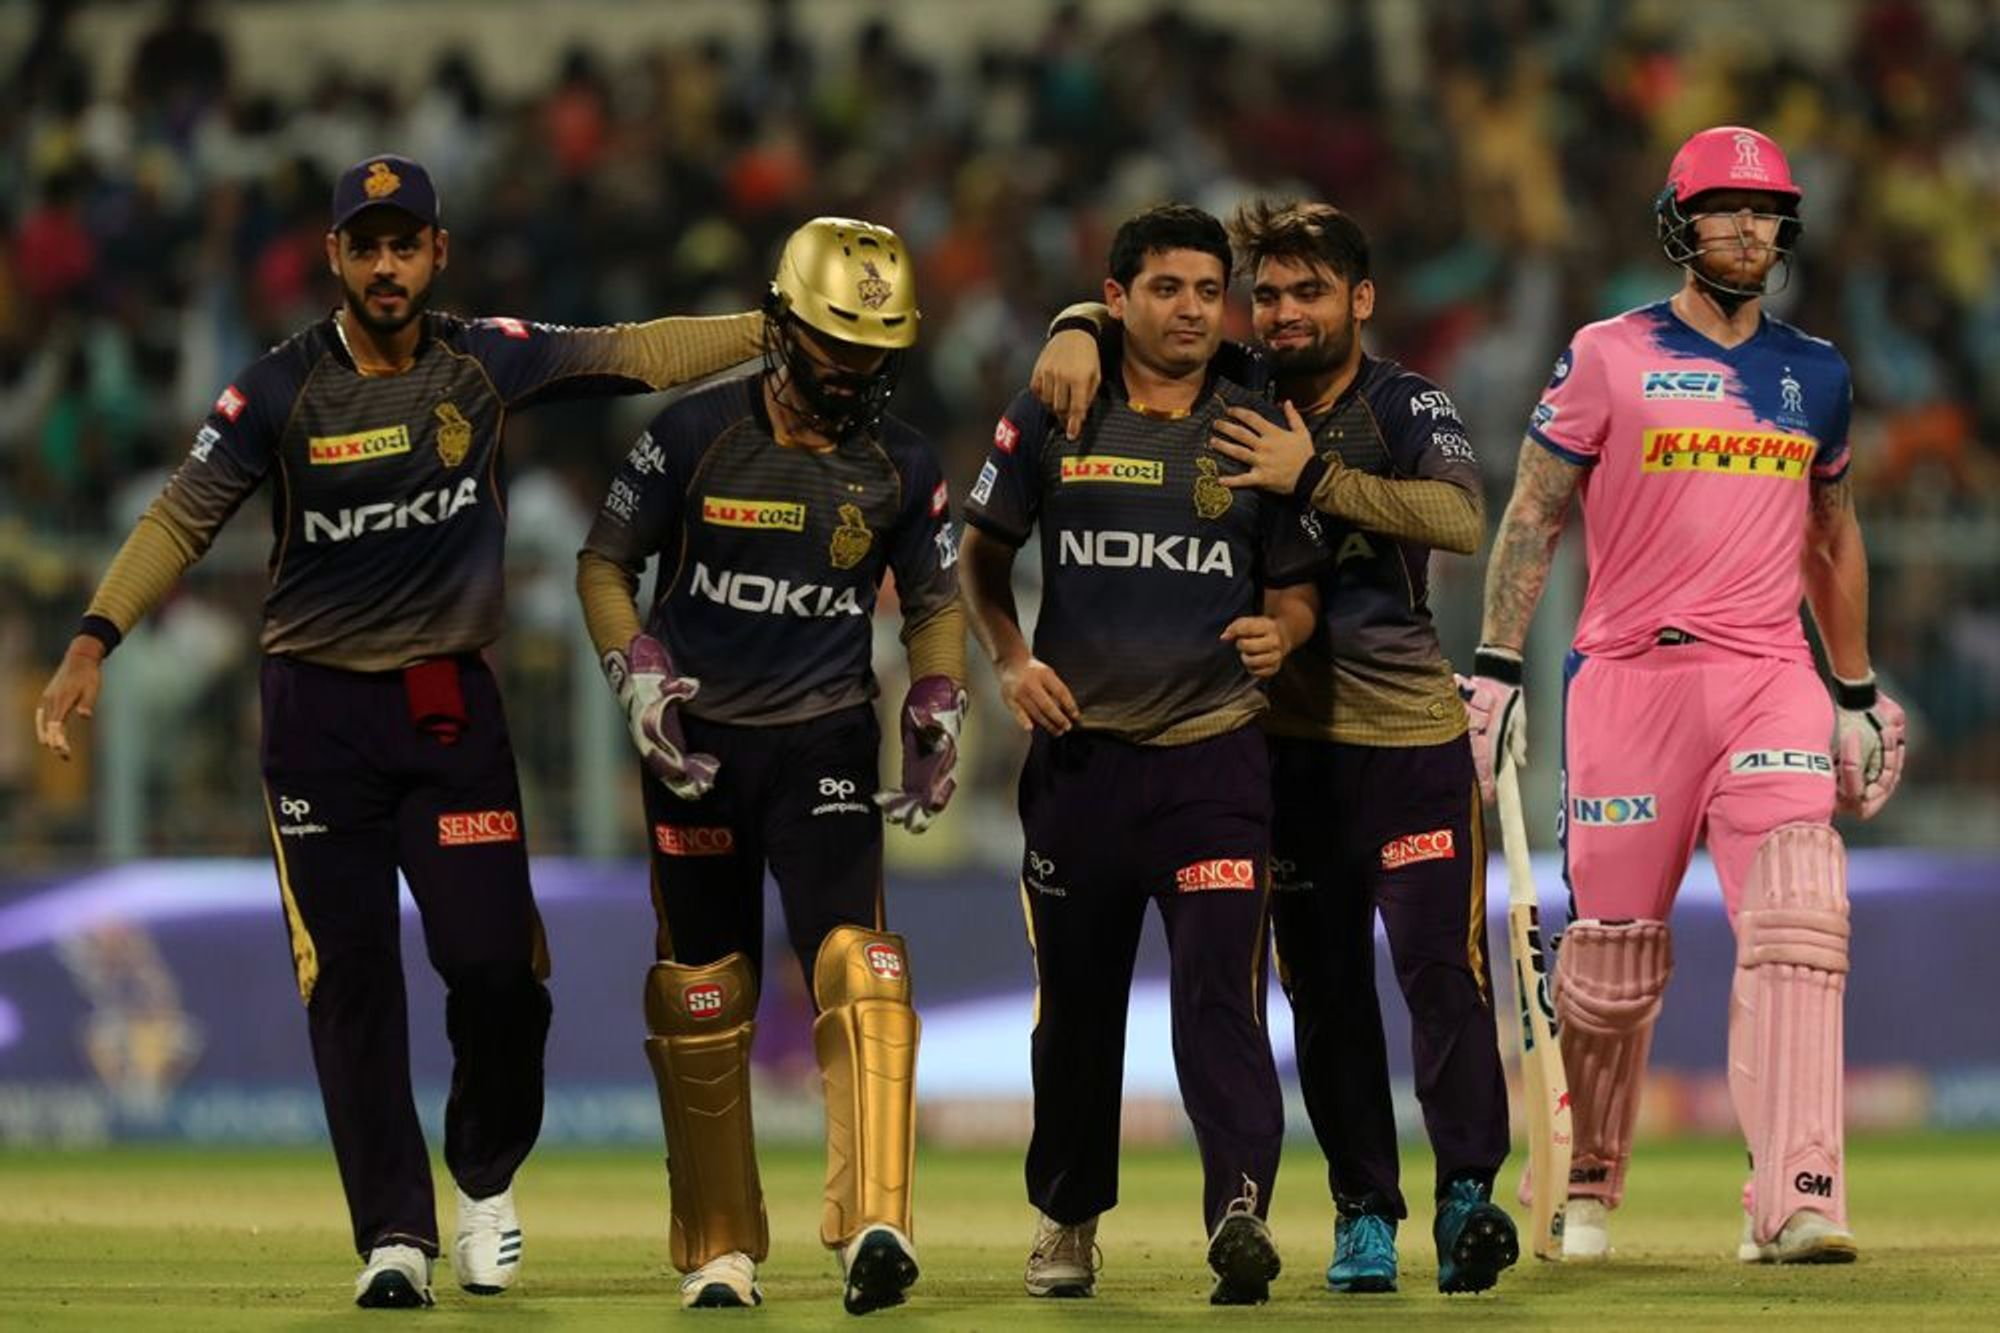 राजस्थान के जीत के बाद ट्विटर पर छाए रियान पराग, इन दो खिलाड़ियों को आईपीएल से बाहर करने की मांग 1